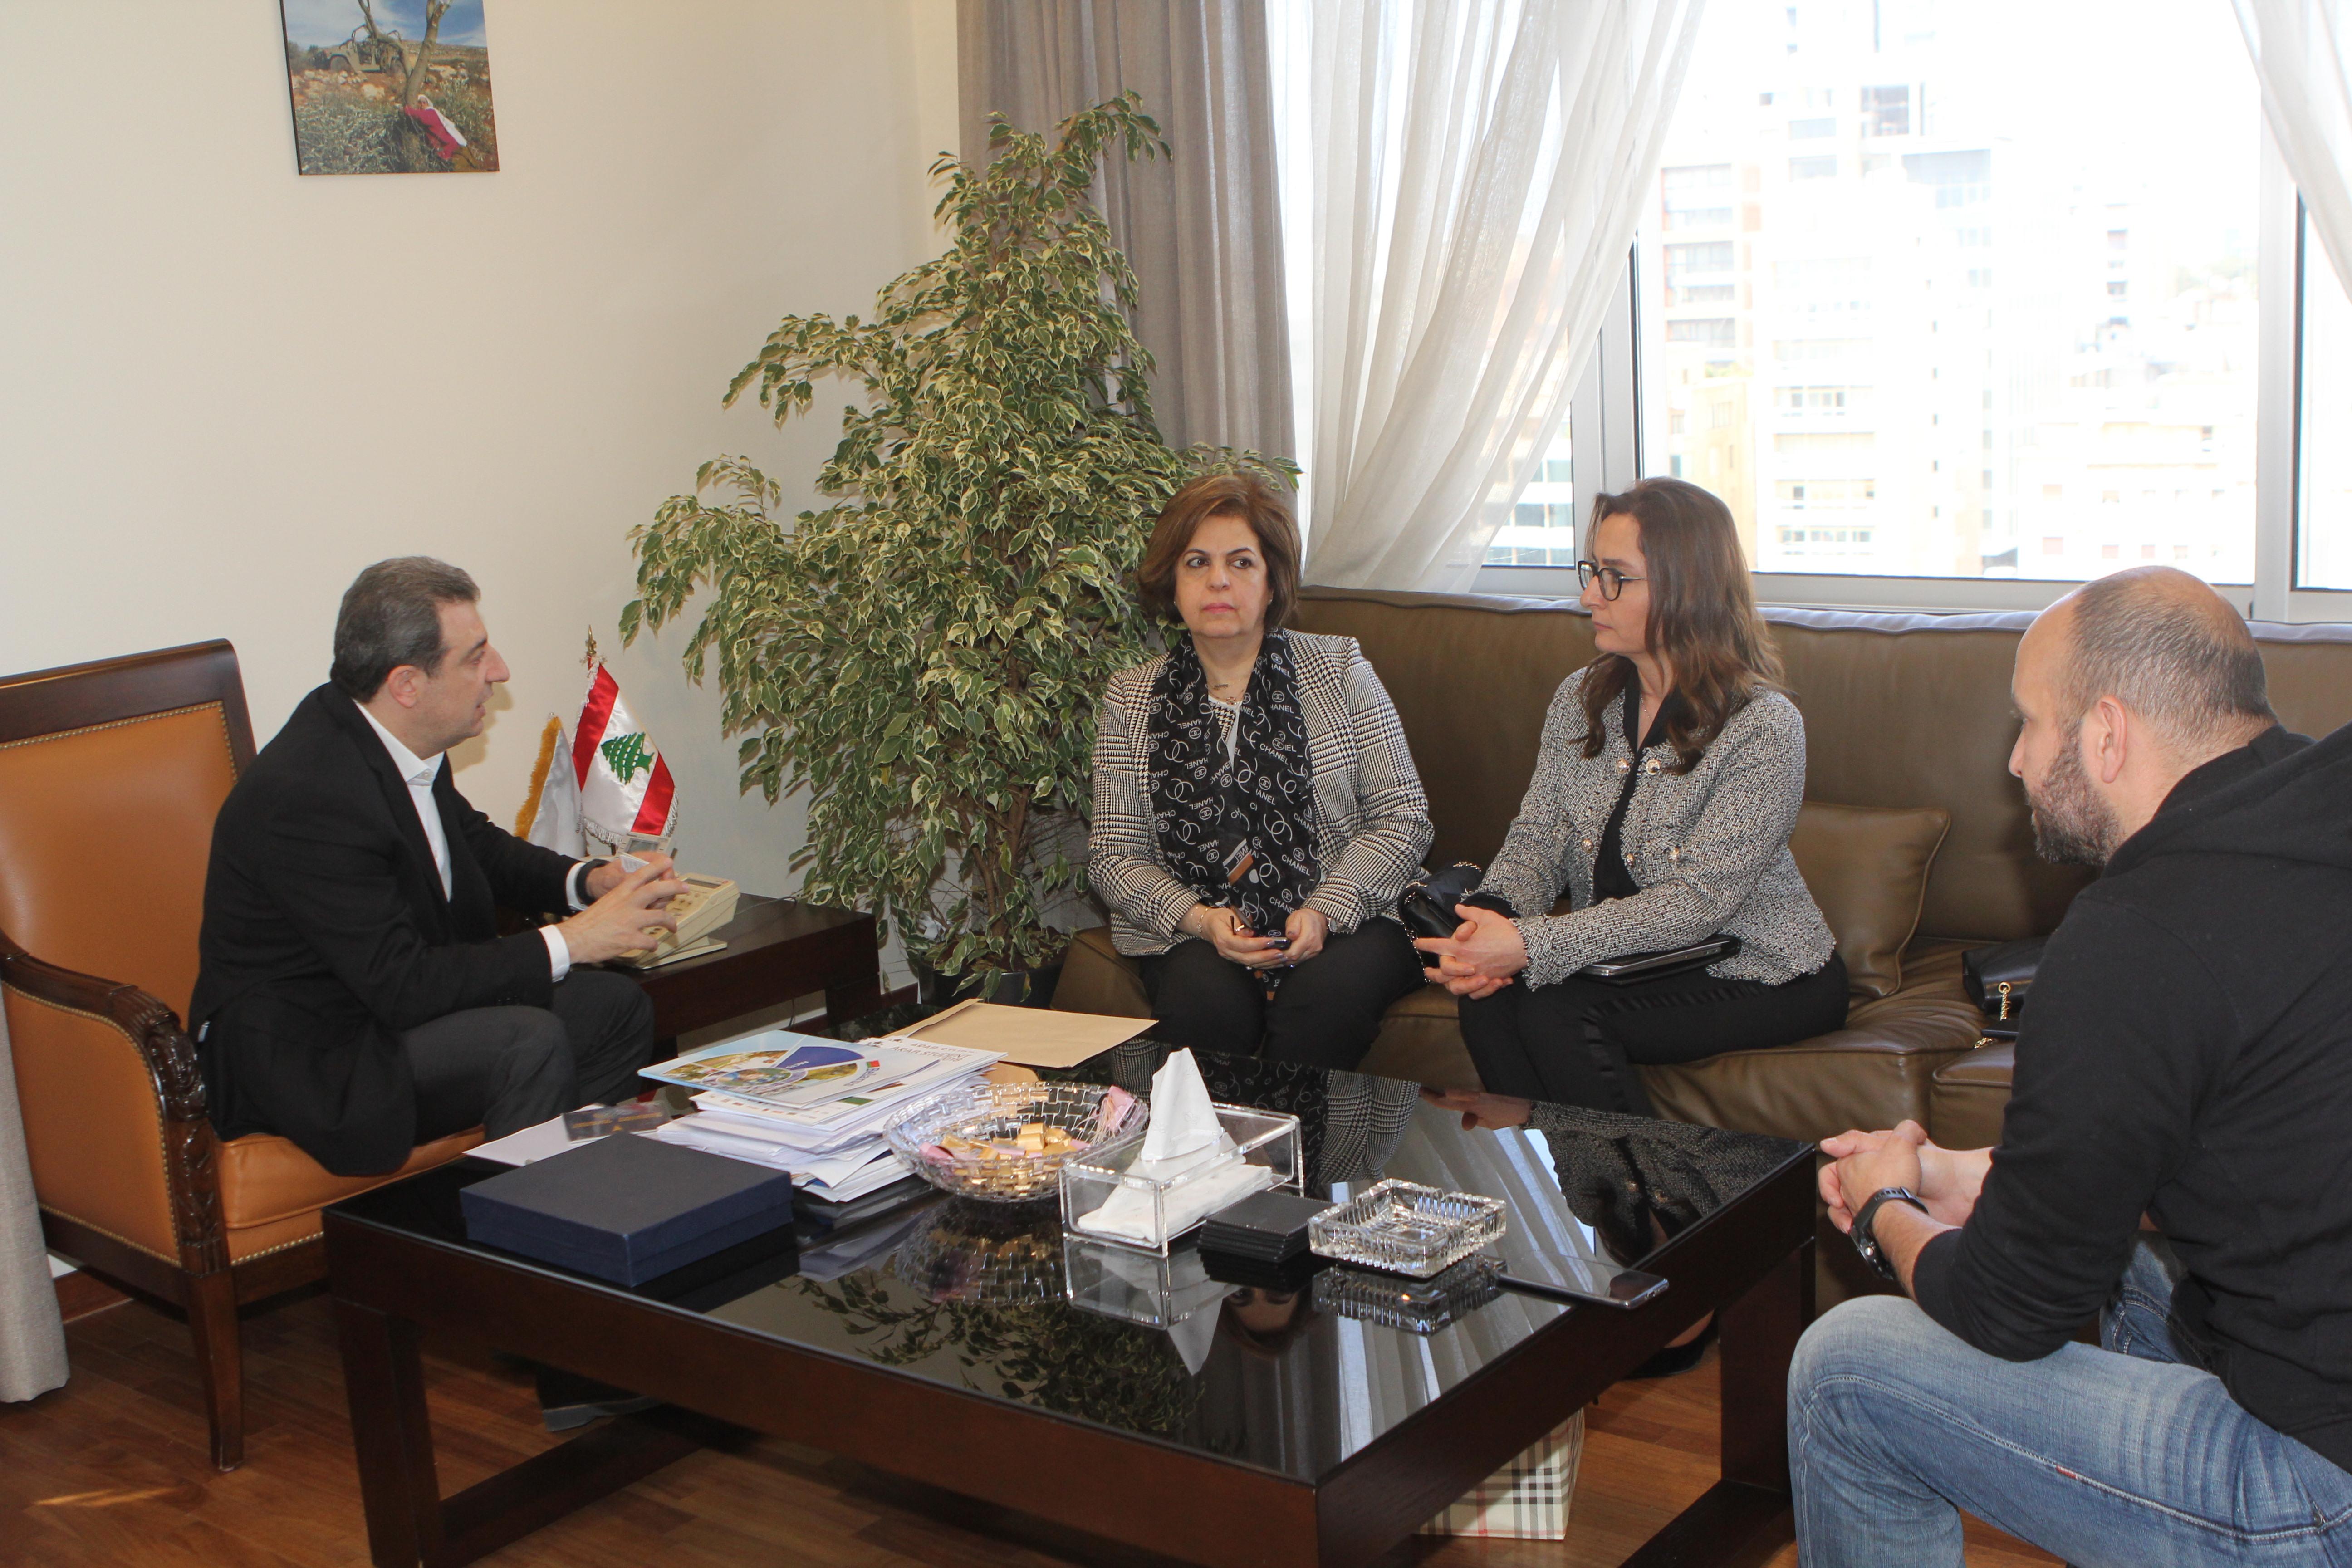 صورة الوزير ابو فاعور مع لينا درغام وهدى سلوم ودافيد افرام